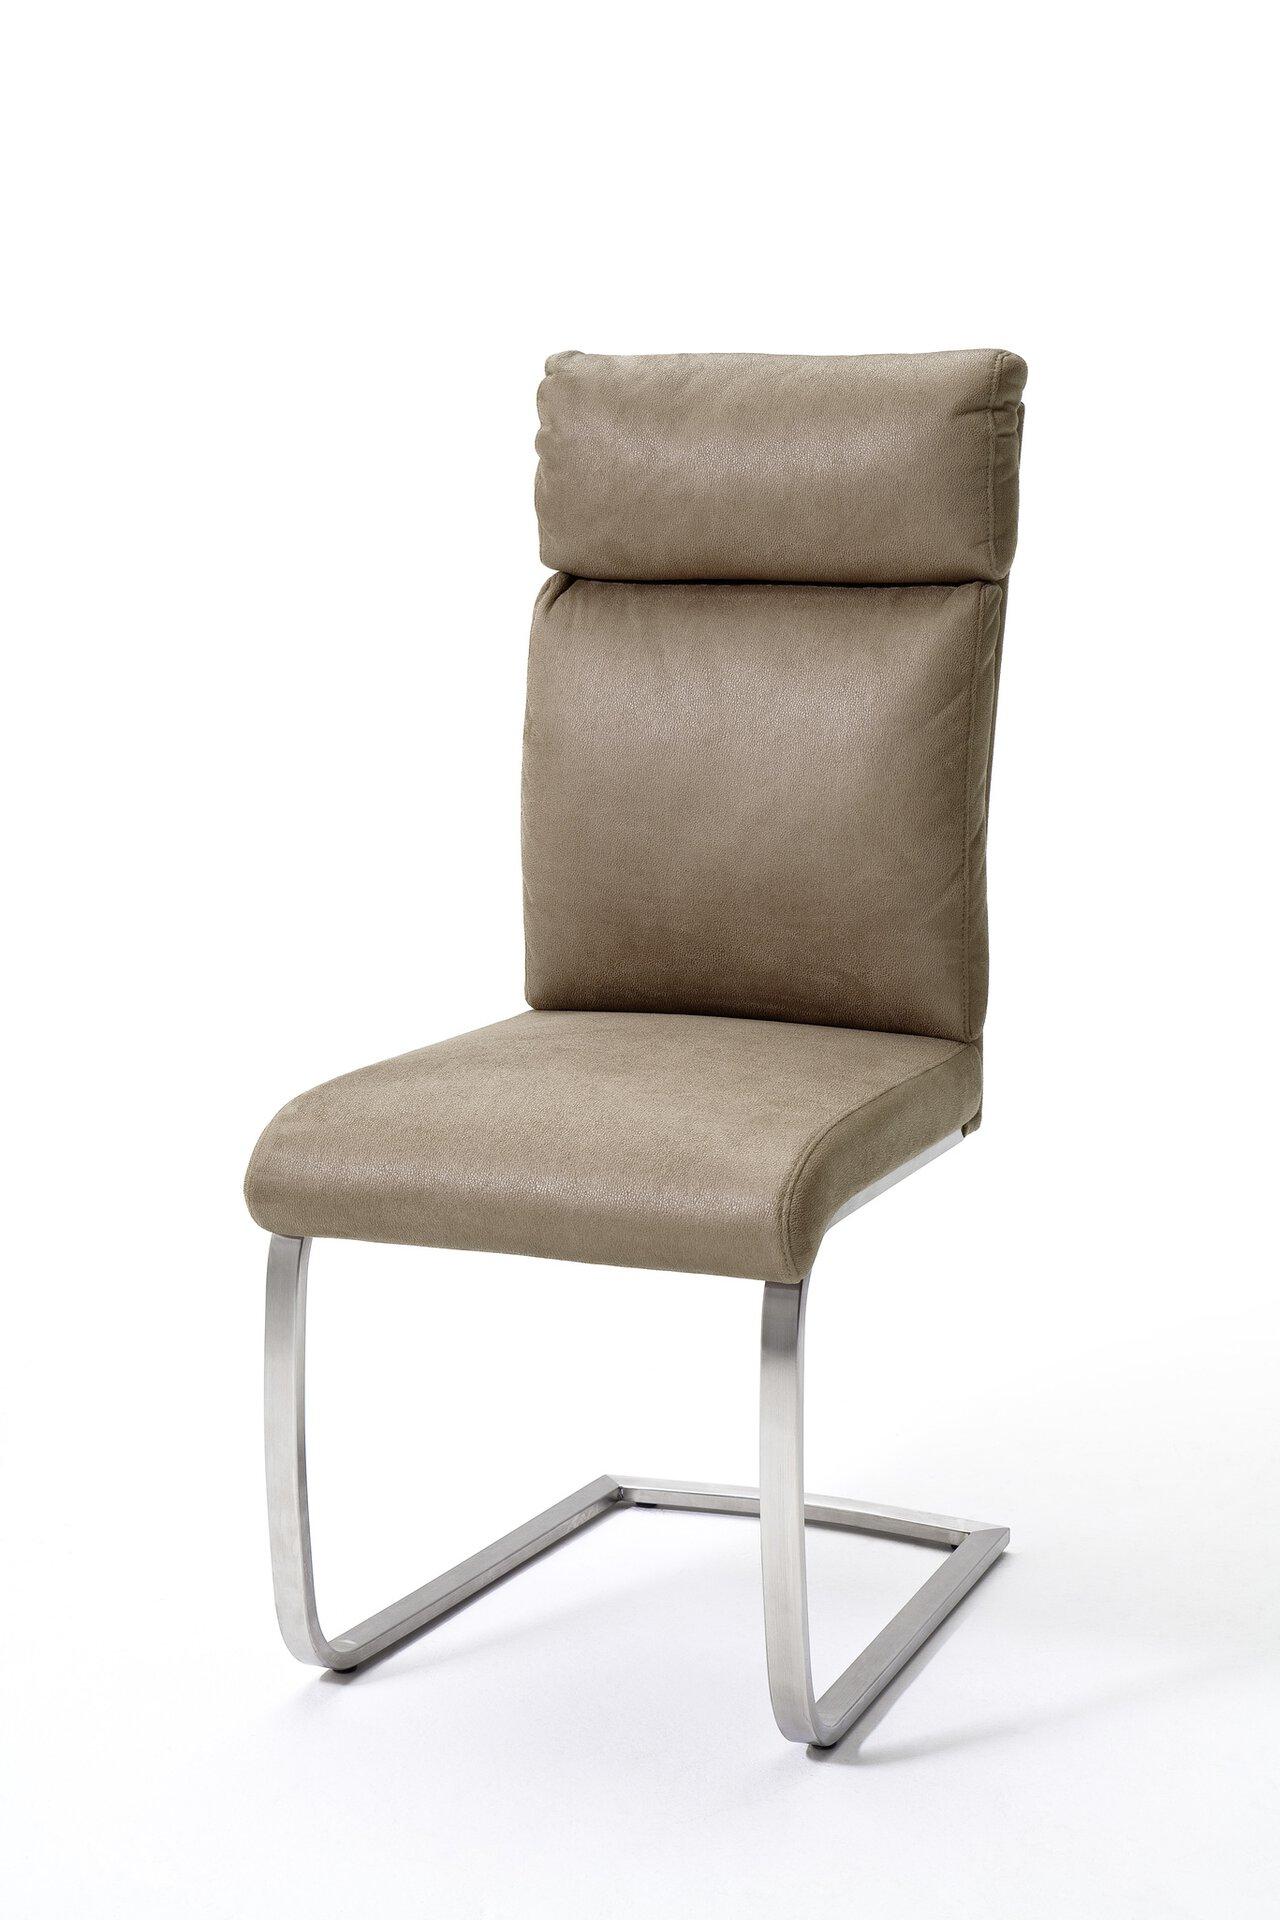 Freischwingerstuhl RABEA MCA furniture Textil mehrfarbig 62 x 106 x 46 cm